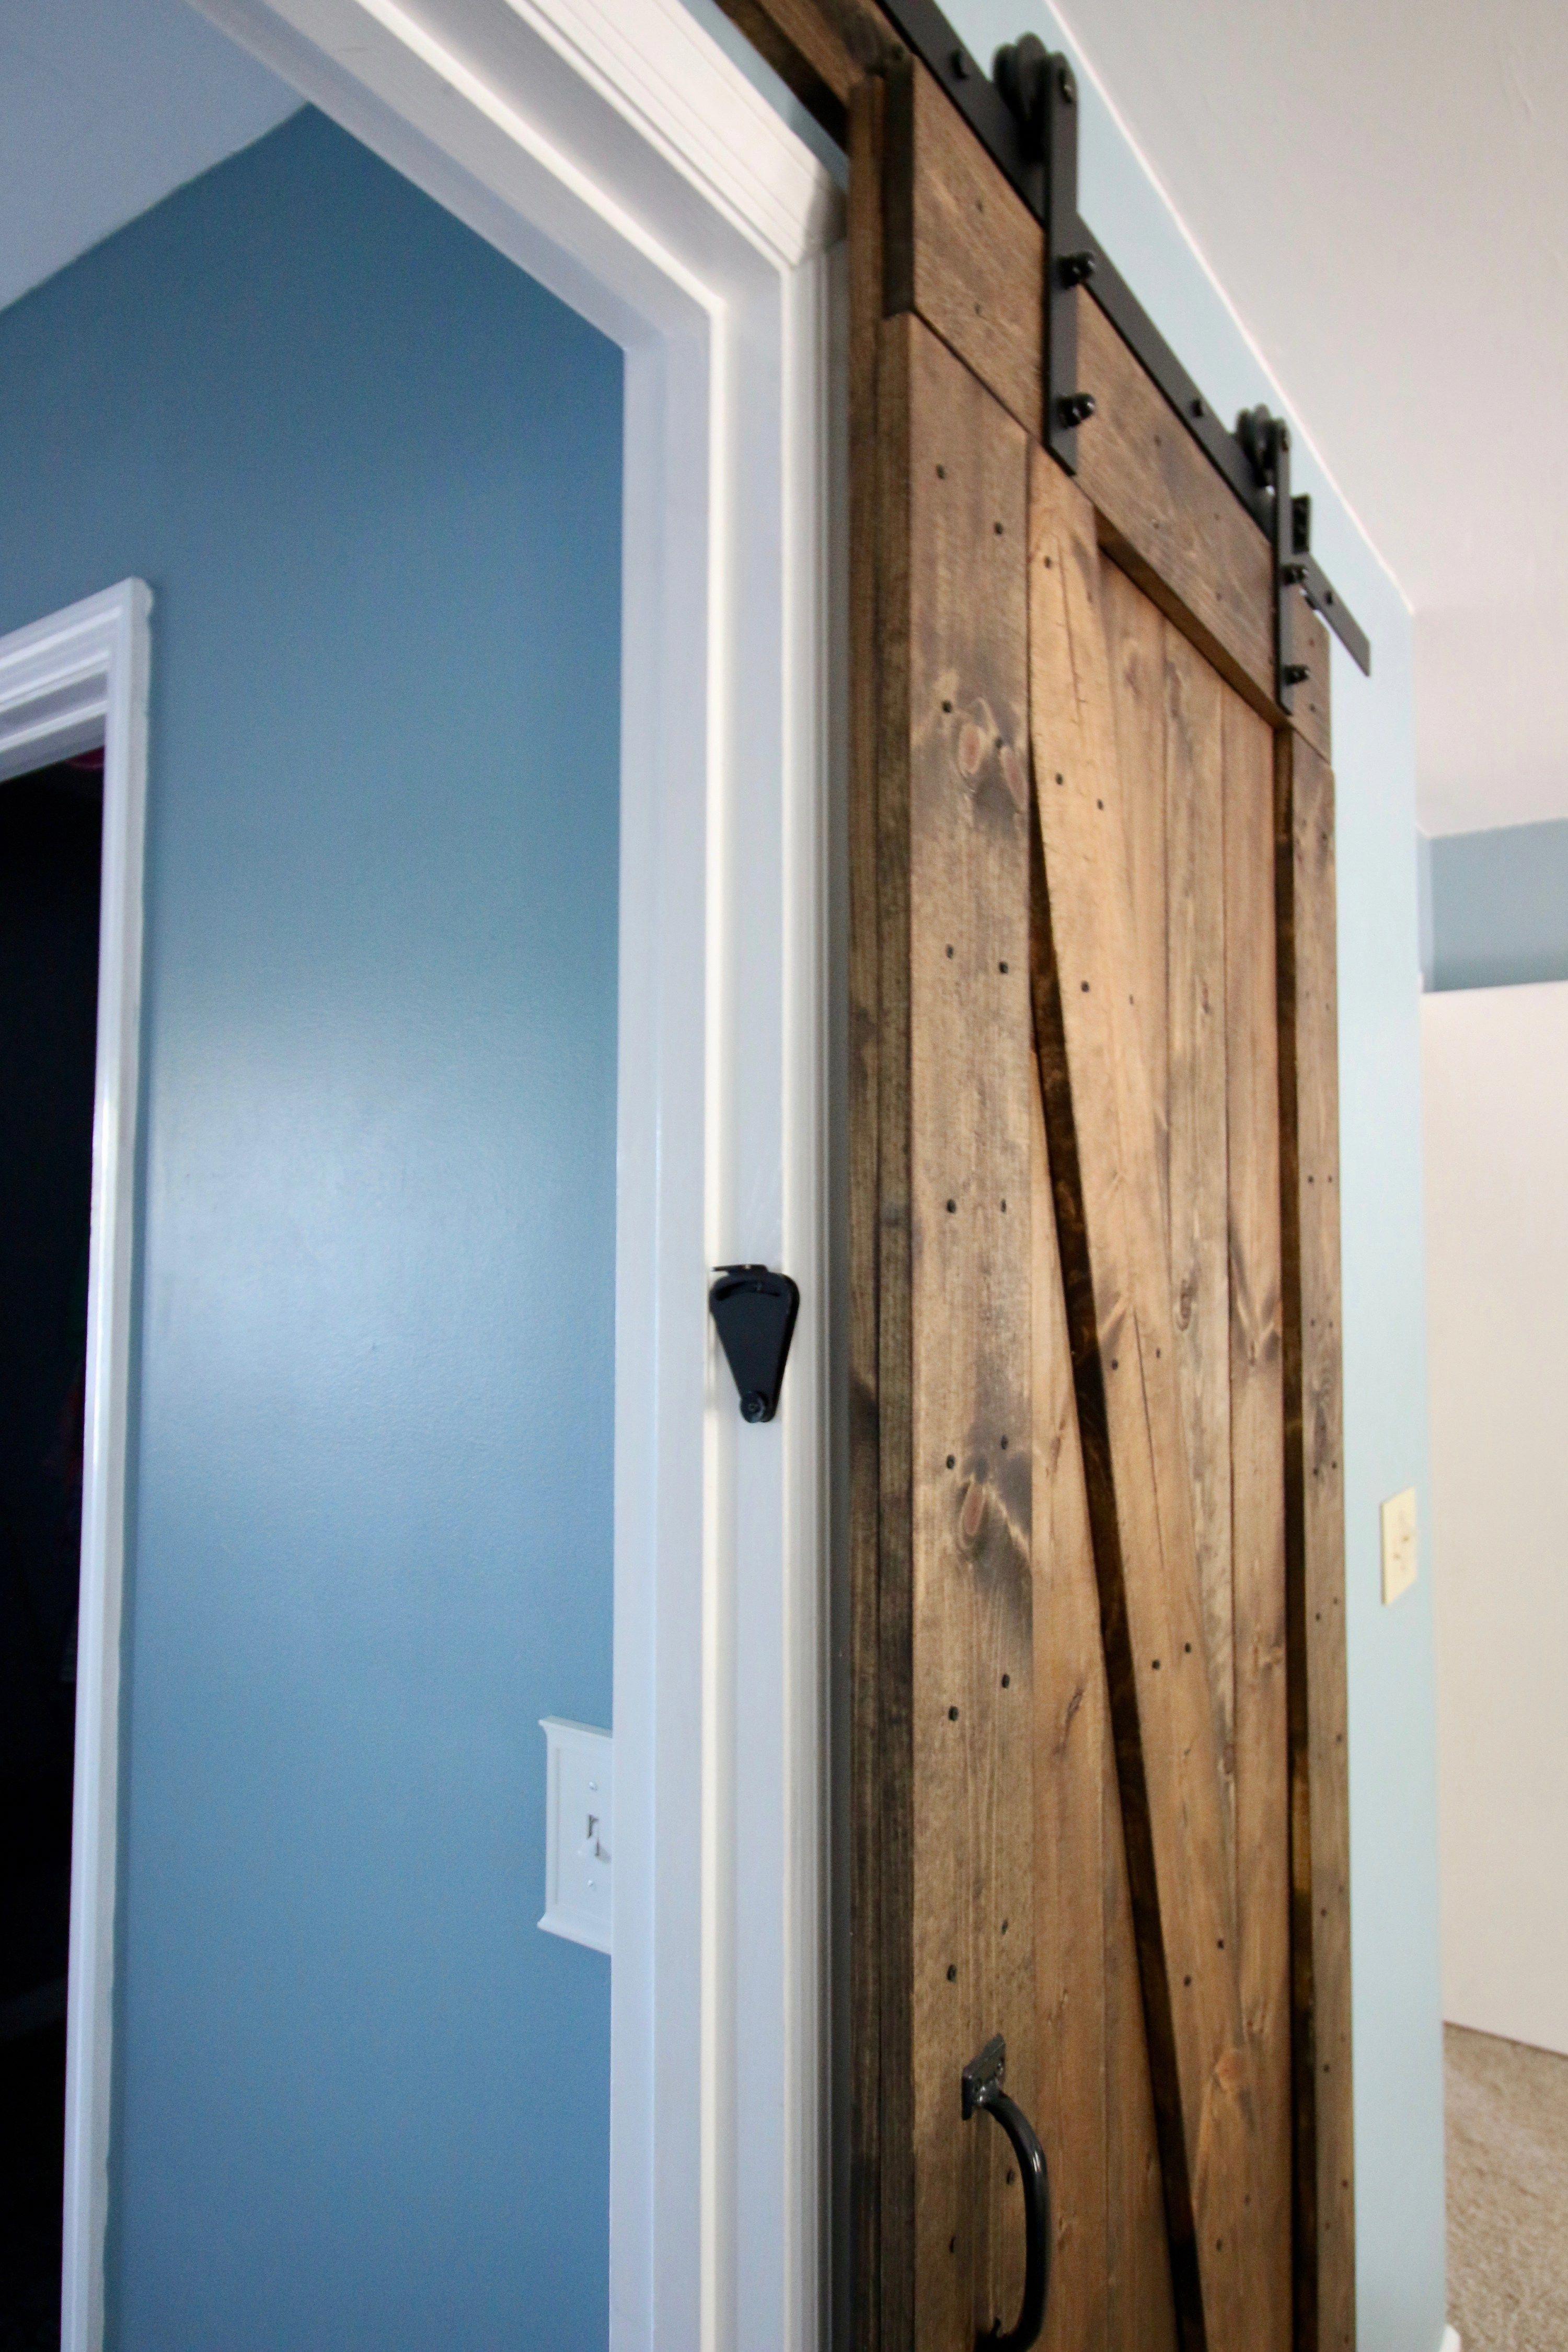 Adding a barn door lock charleston crafted a barndoor for